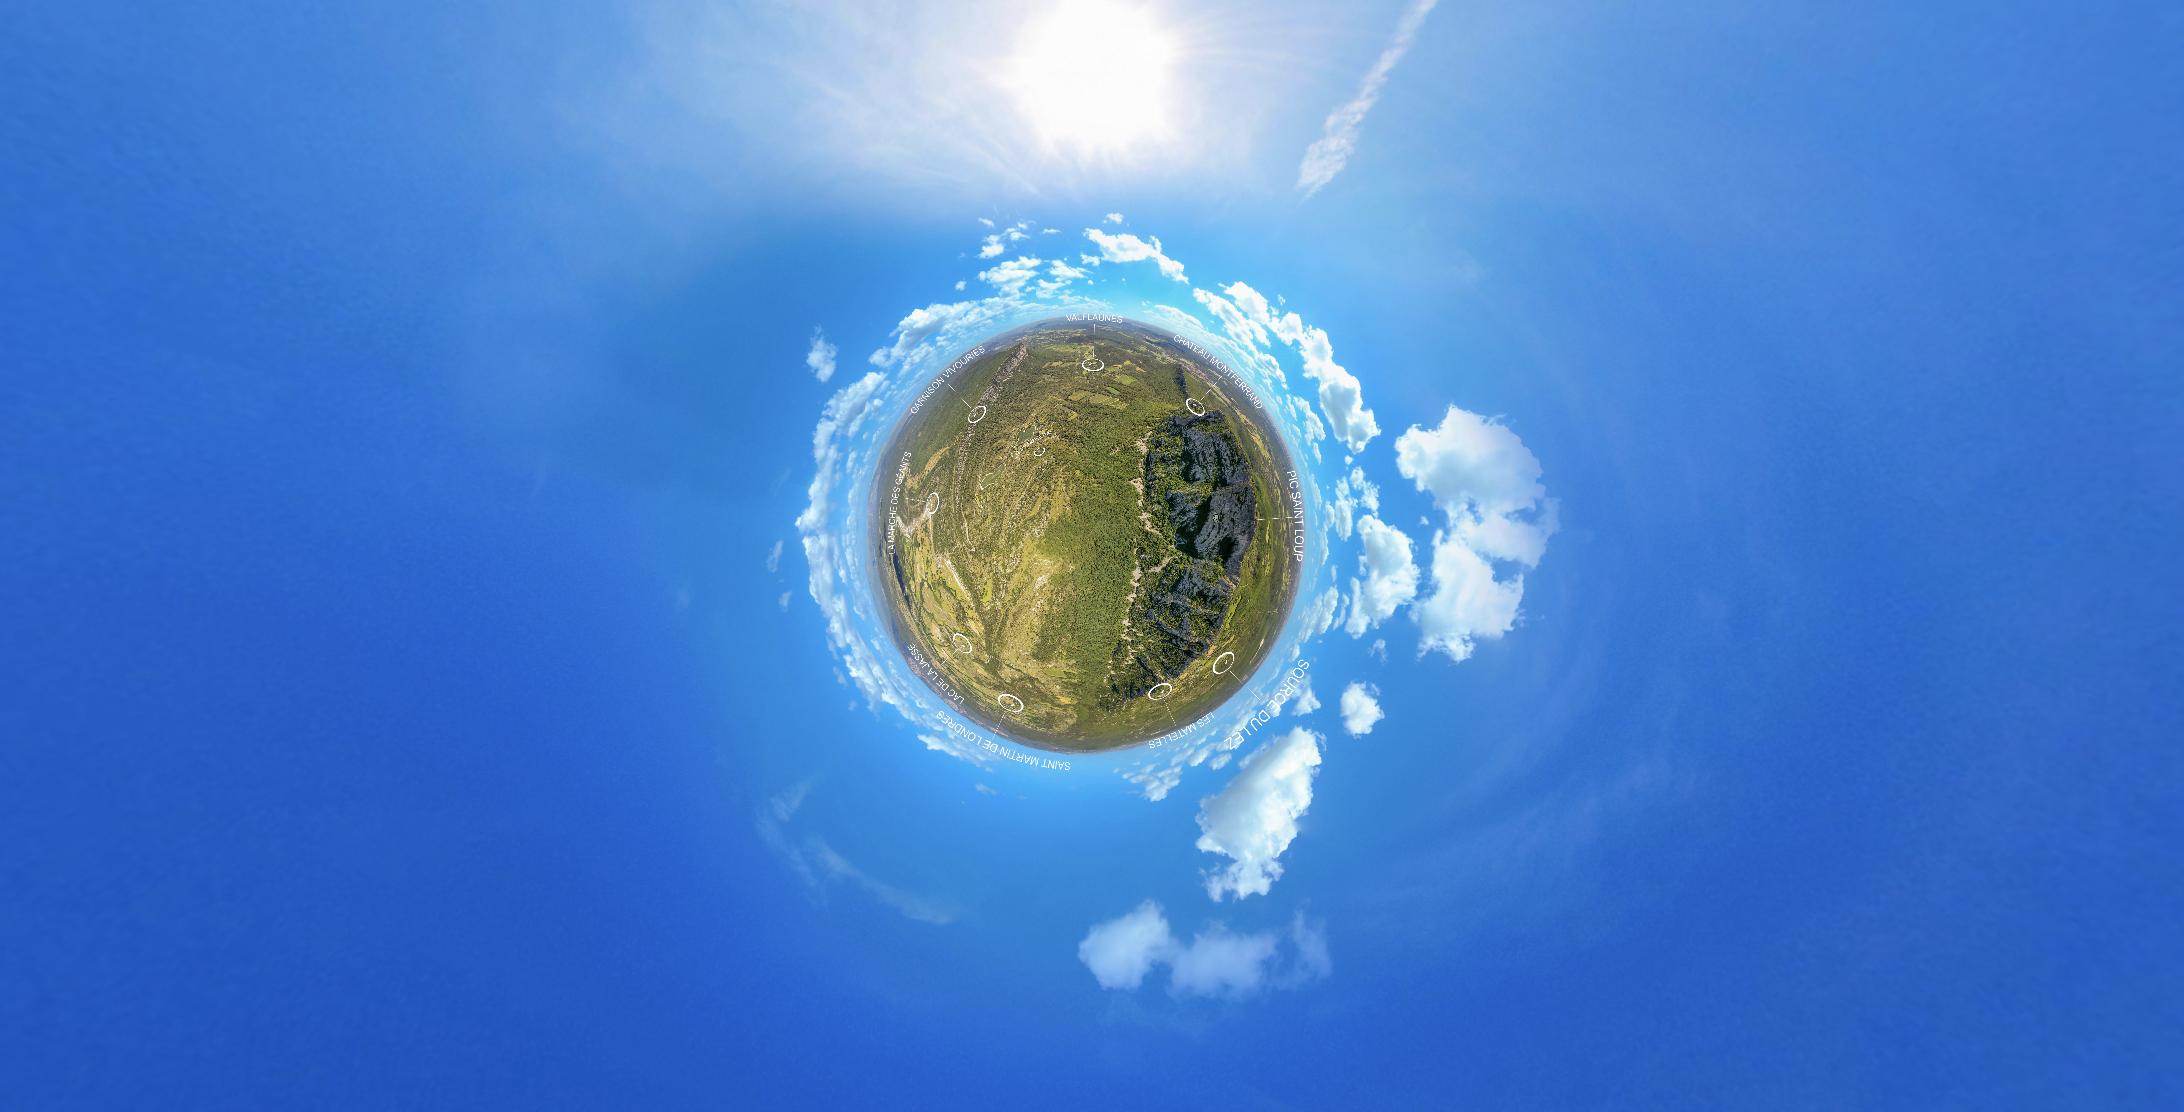 visite-virtuelle-enrichie-360-wisud-evasion-excursion-montpellier-pic-st-loup